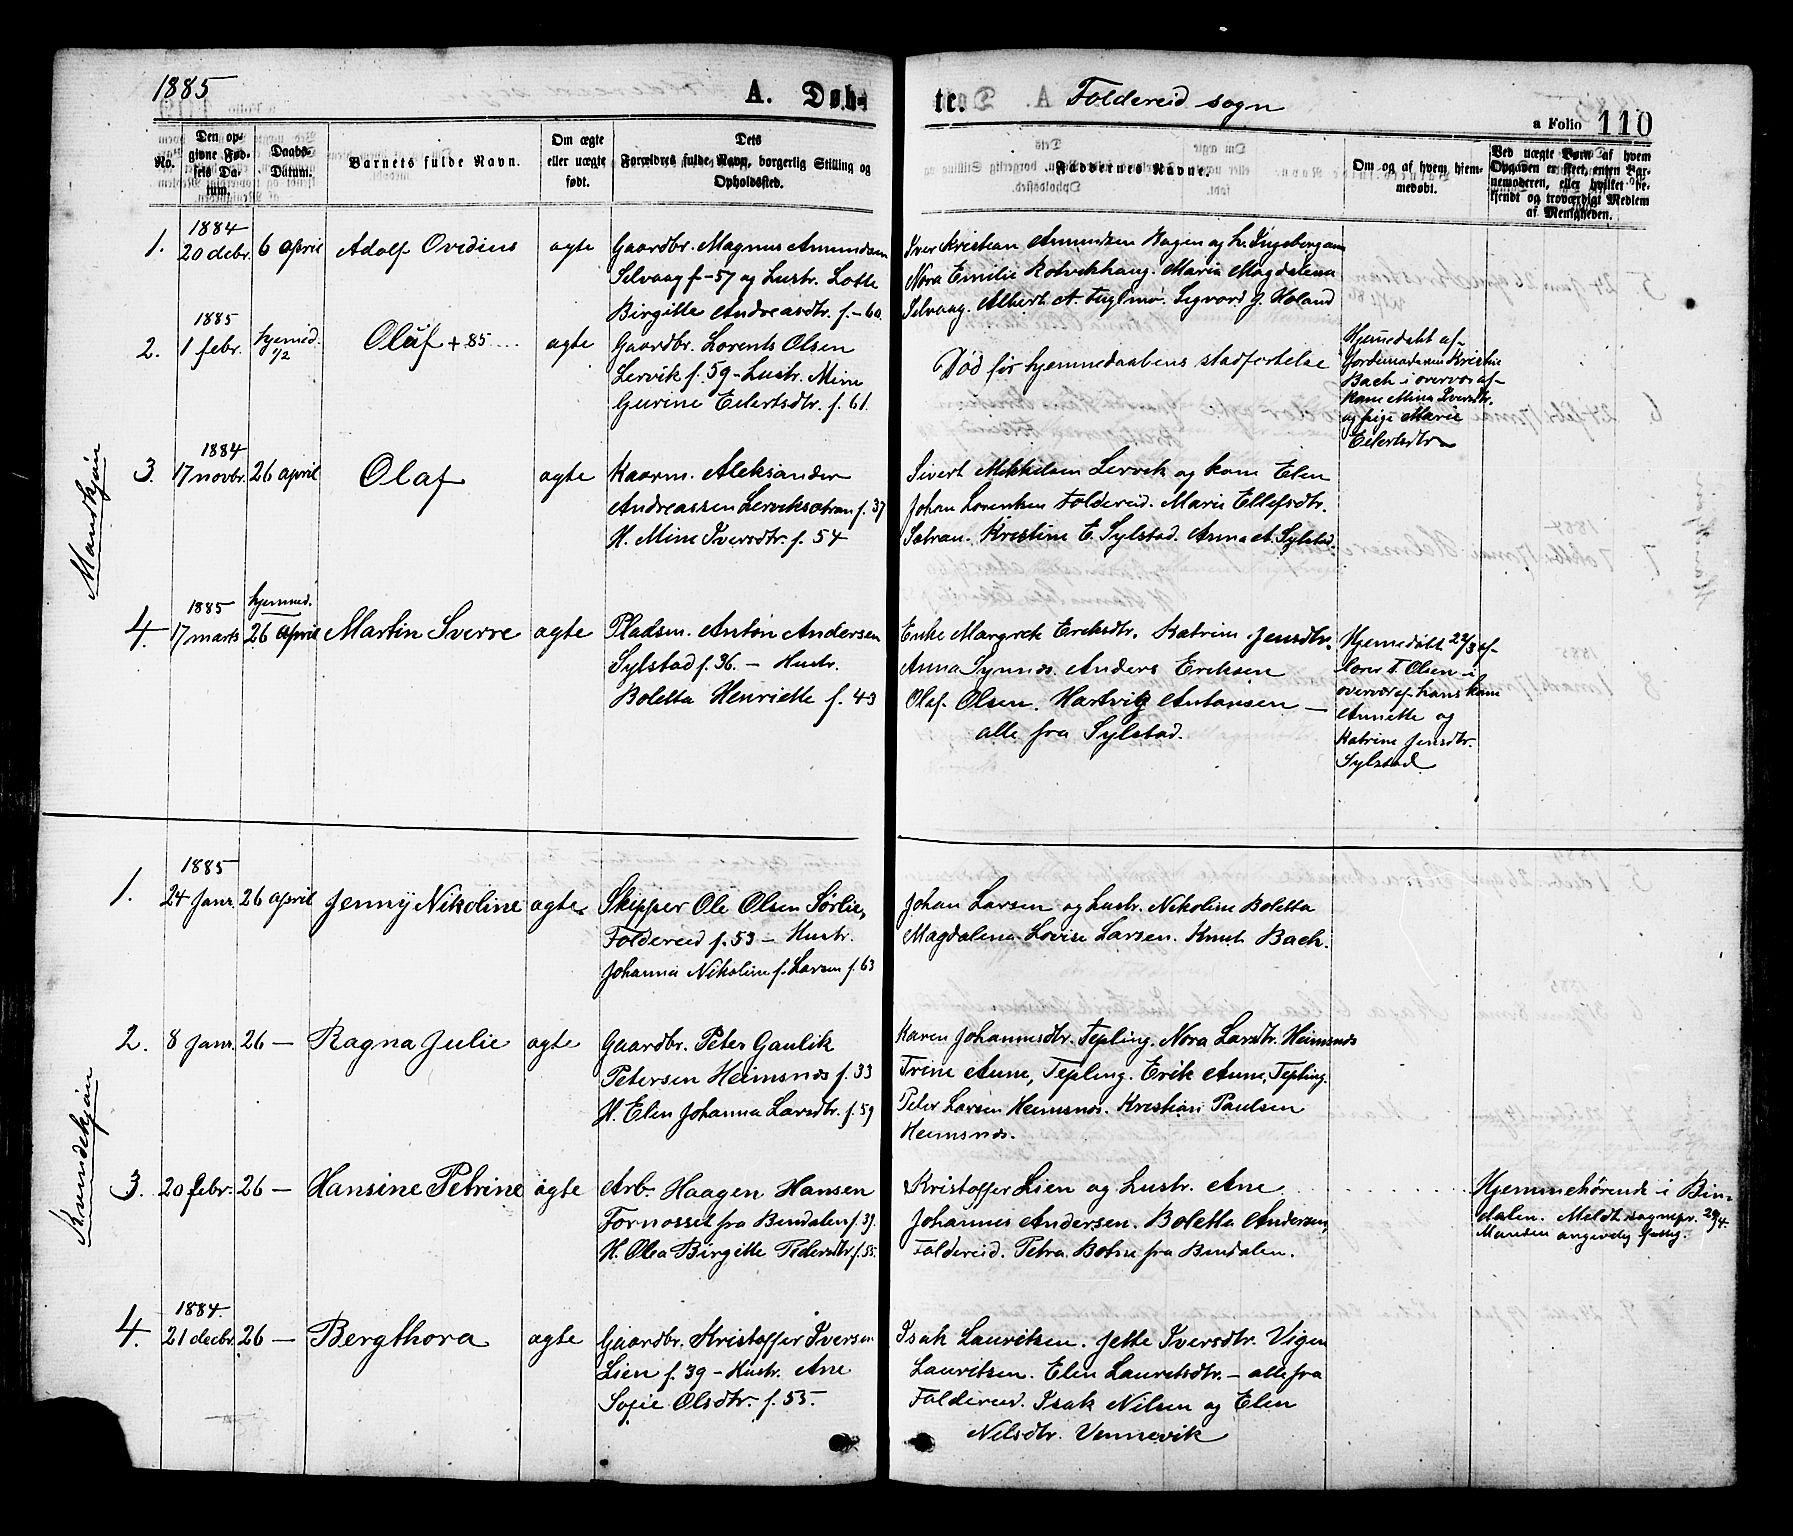 SAT, Ministerialprotokoller, klokkerbøker og fødselsregistre - Nord-Trøndelag, 780/L0642: Ministerialbok nr. 780A07 /2, 1878-1885, s. 110